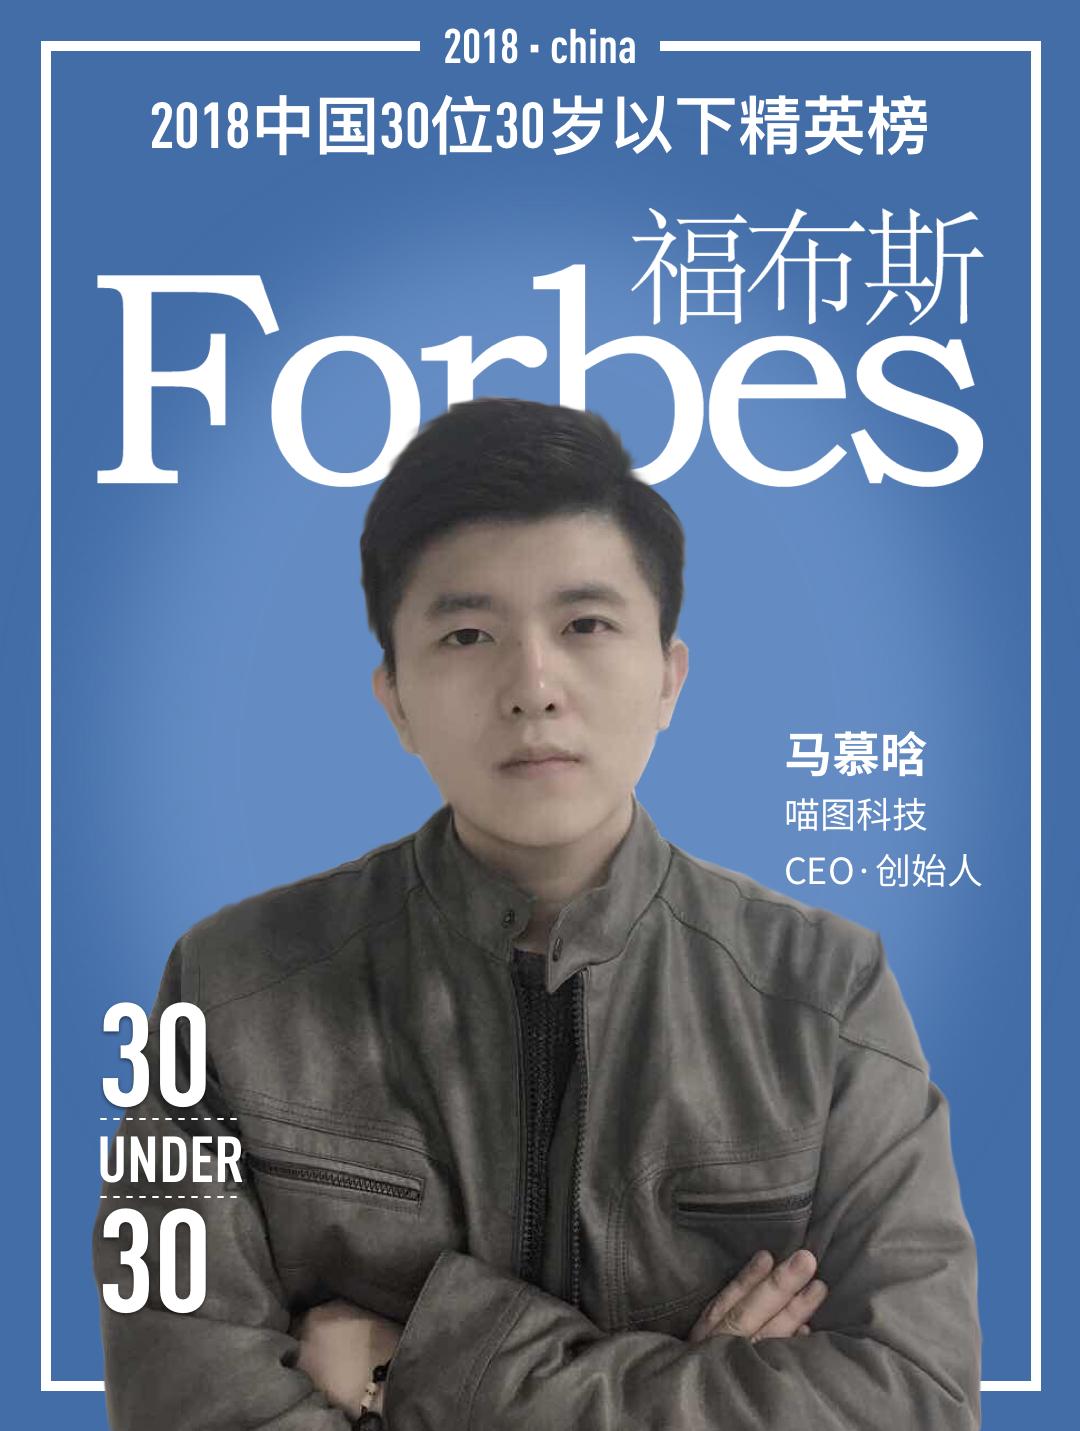 喵图科技创始人马慕晗入选2018福布斯30 Under 30榜单 业内 第4张